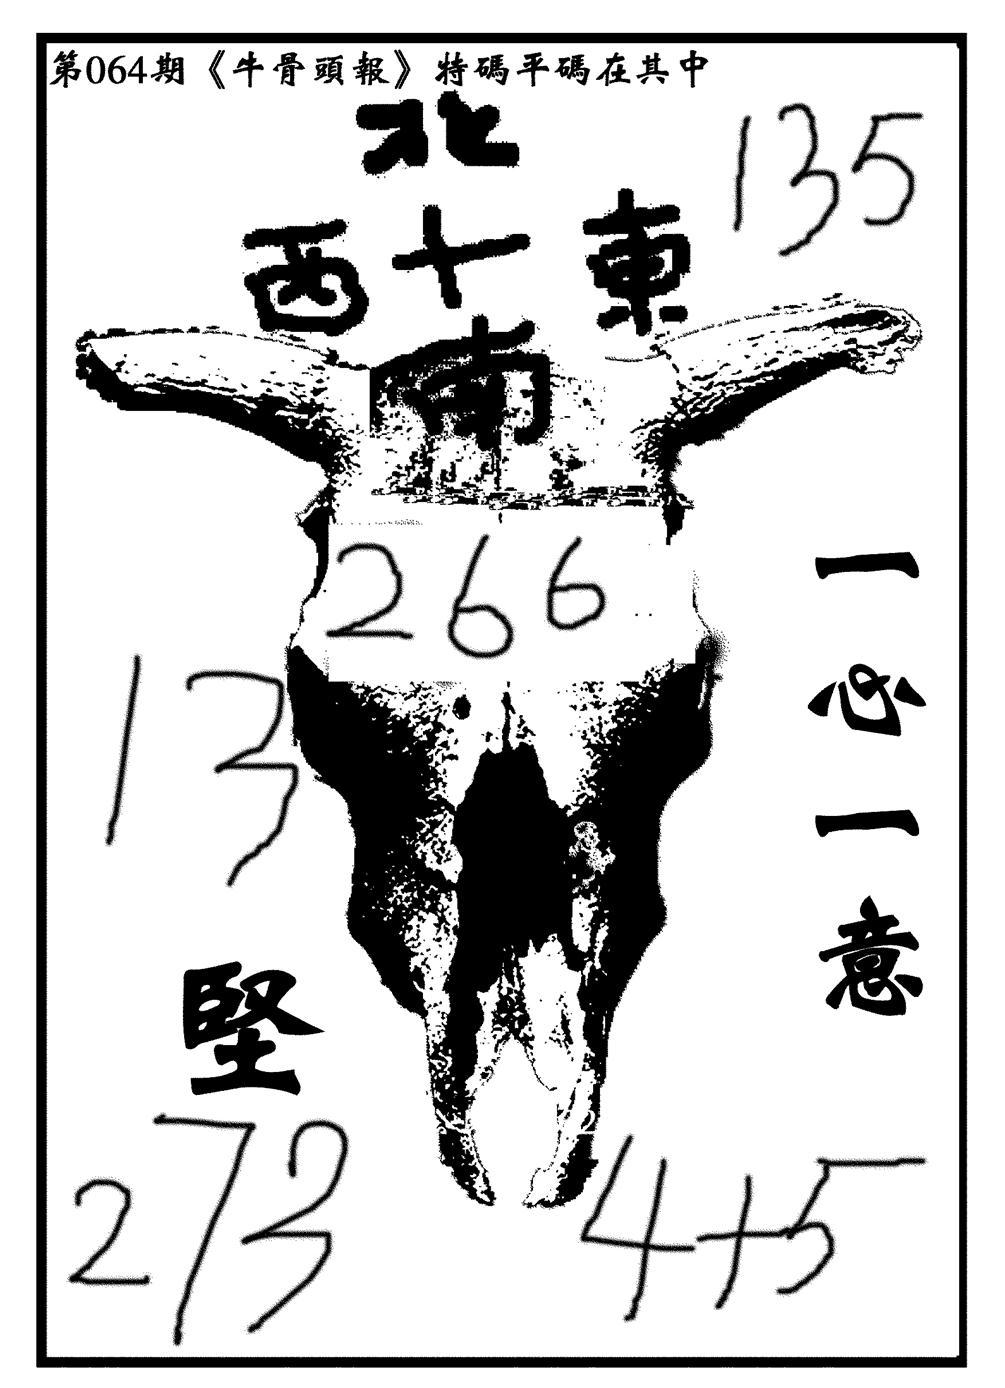 064期牛头报(黑白)